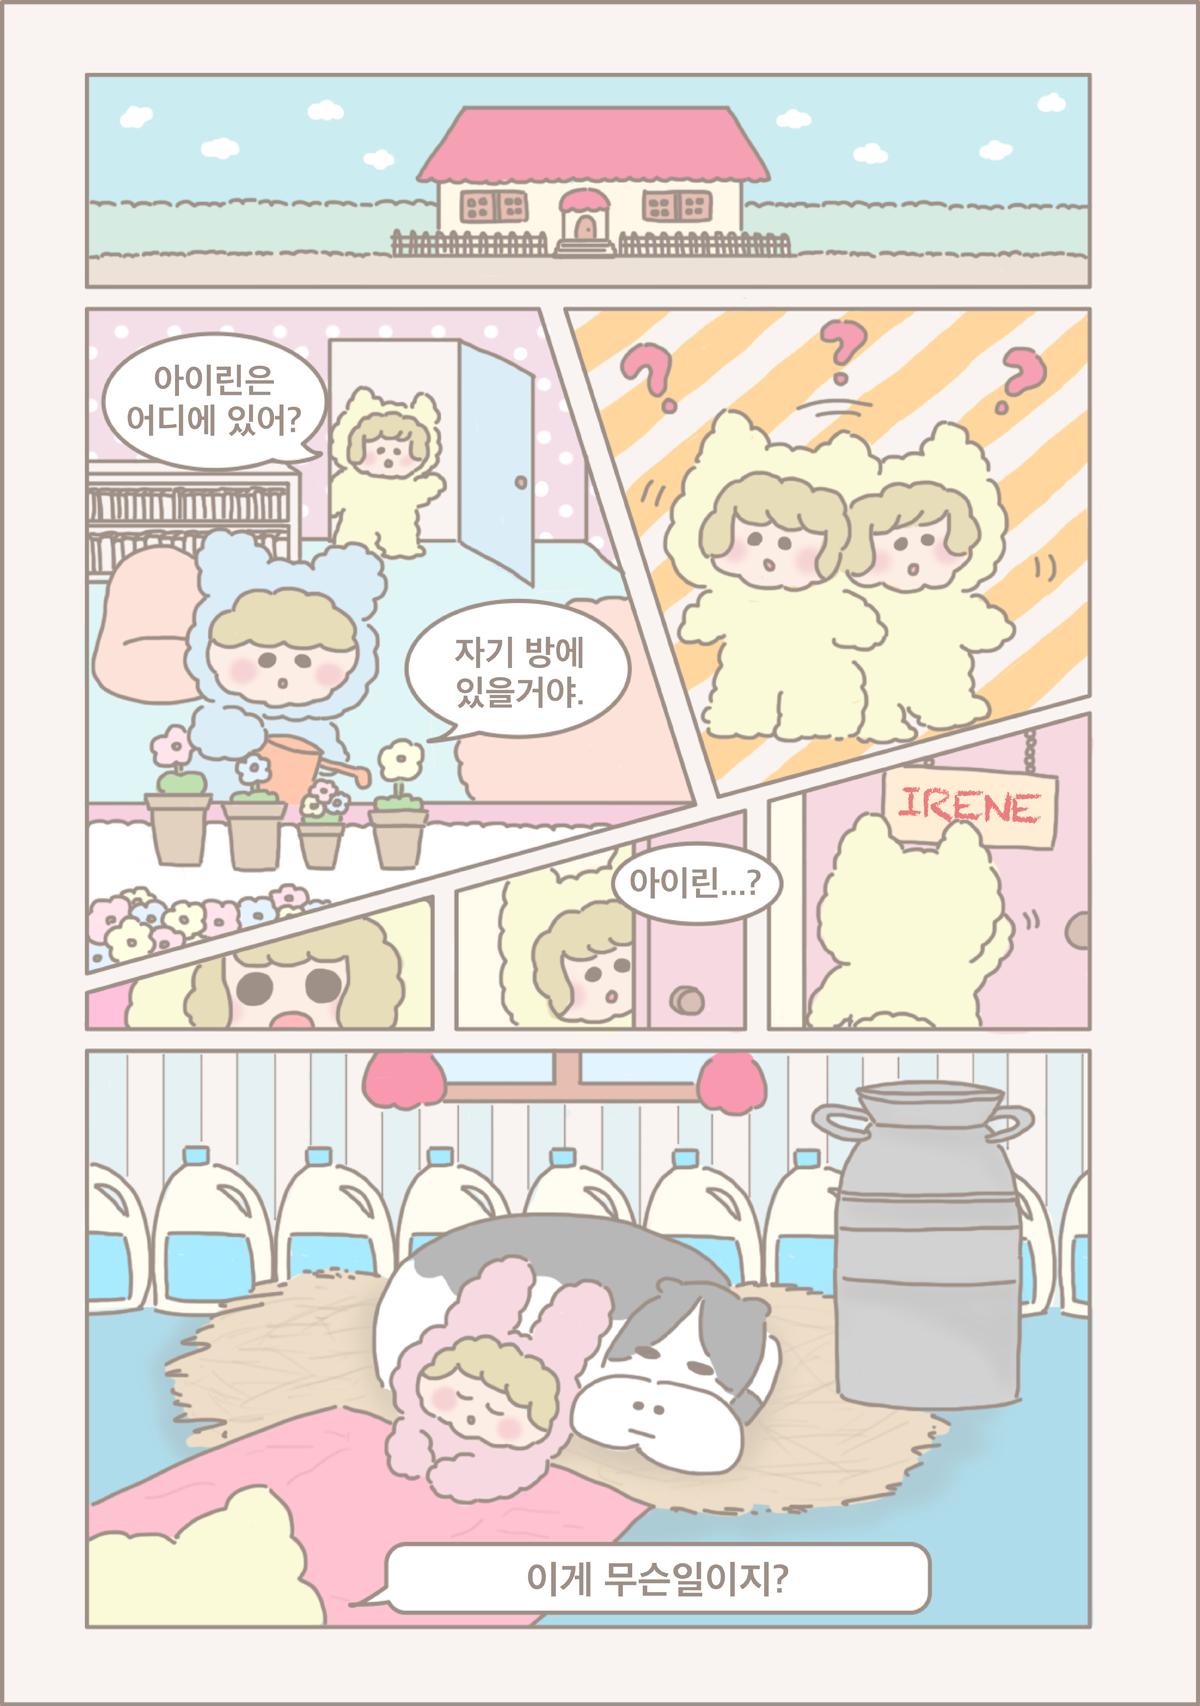 cam1-7_korean.png